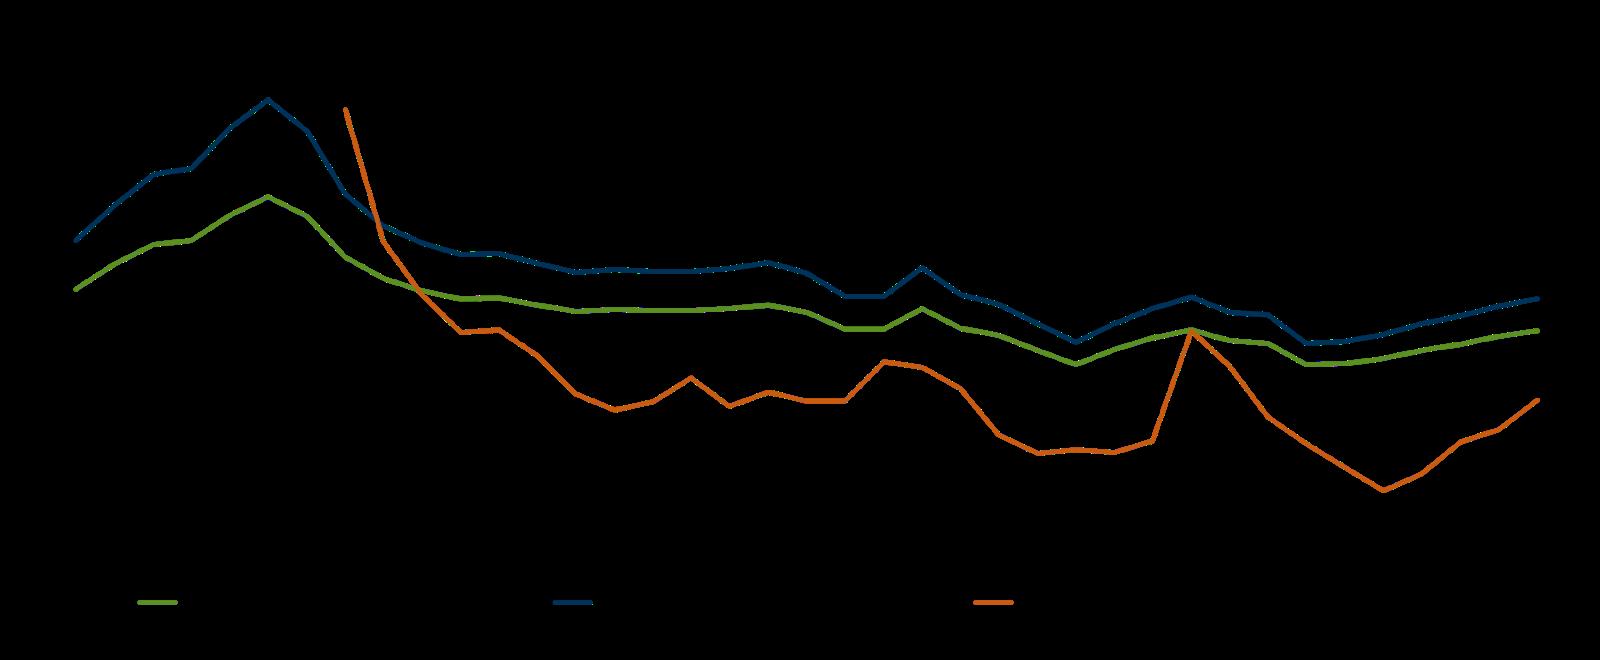 U.S. Farm Financial Ratios graft